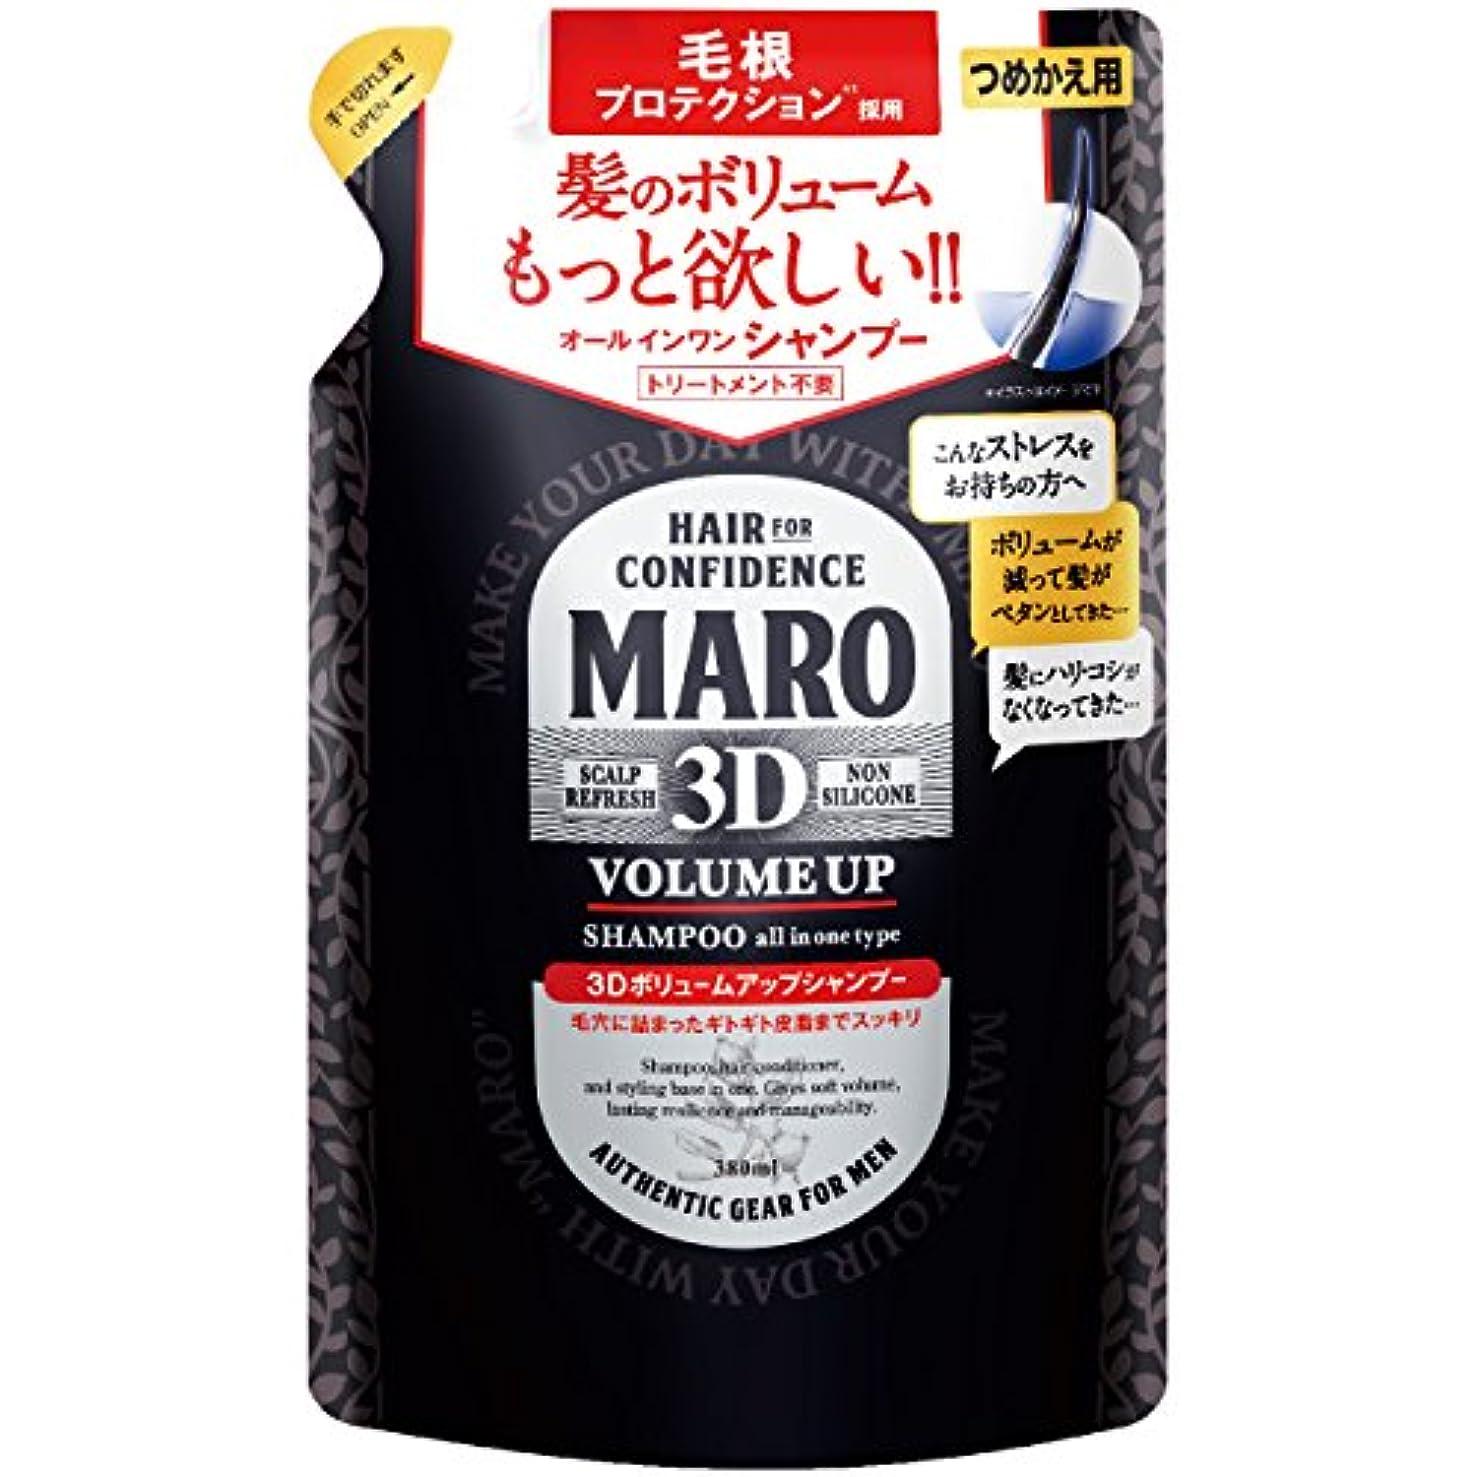 批評君主落胆させるMARO 3Dボリュームアップ シャンプー EX 詰め替え 380ml